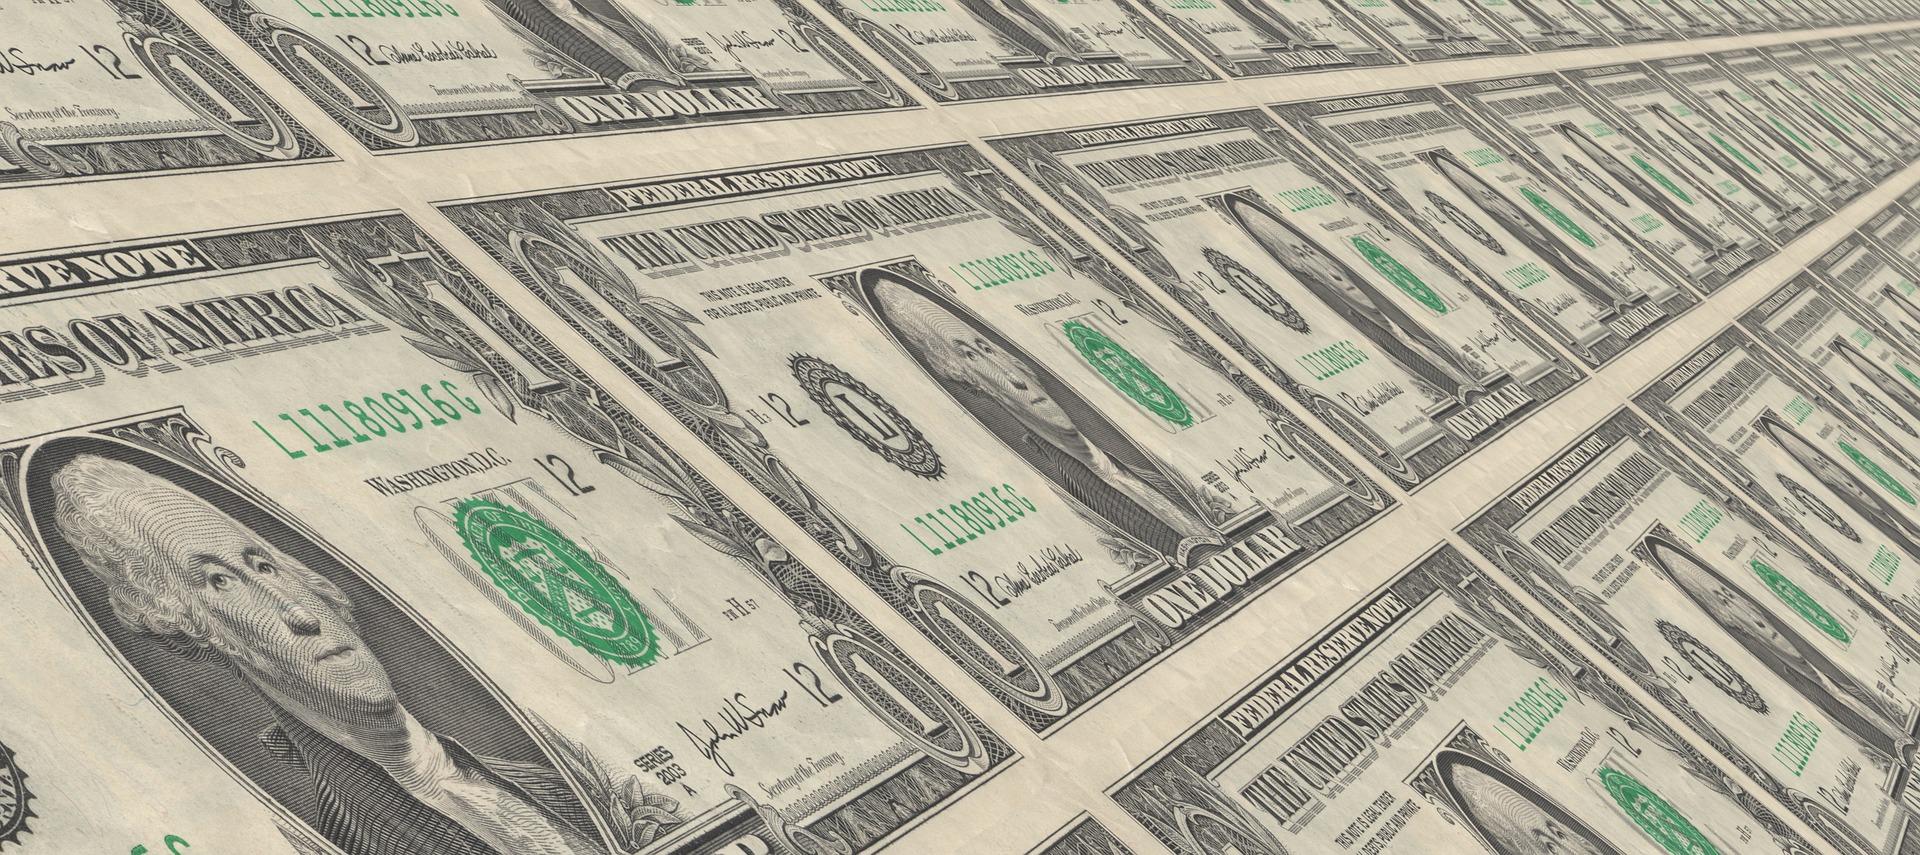 253.000 milliards de dollars : la dette mondiale a atteint un nouveau sommet et continue de s'alourdir.